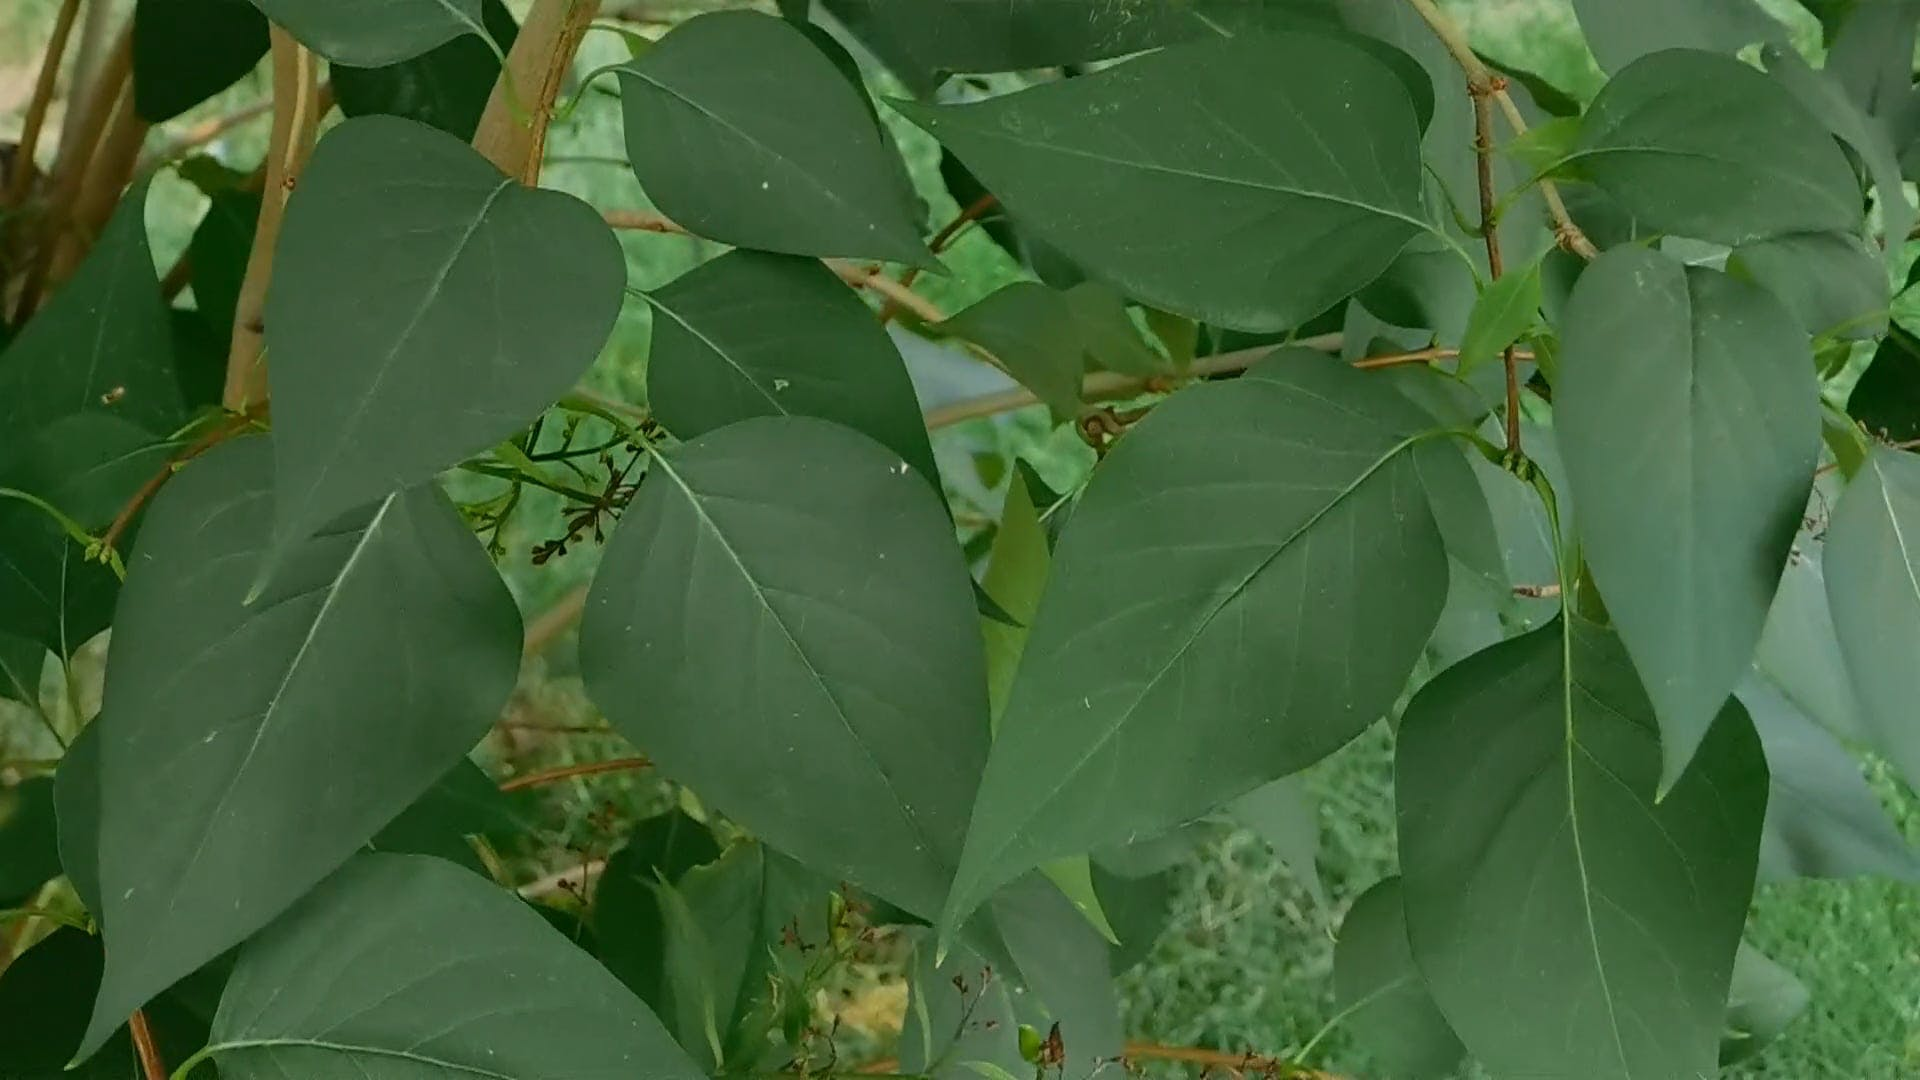 A Green Leafy Plant